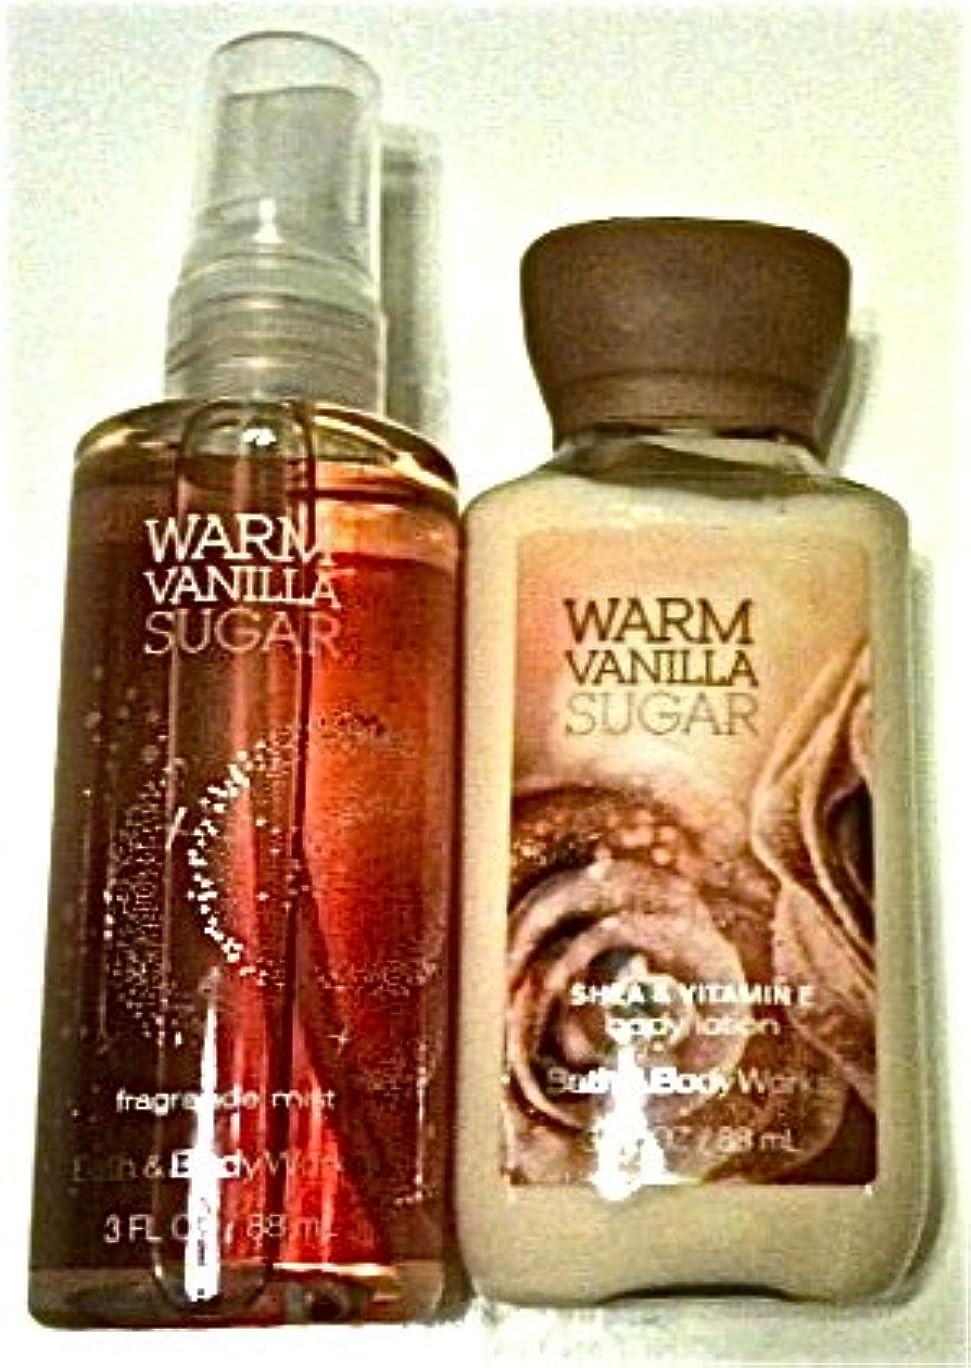 盟主で出来ている軍団Bath & Body Works warm vanilla sugar body cream, fragrance mist ワームバニラシュガー、ボディークリーム&ミスト [海外直送品]